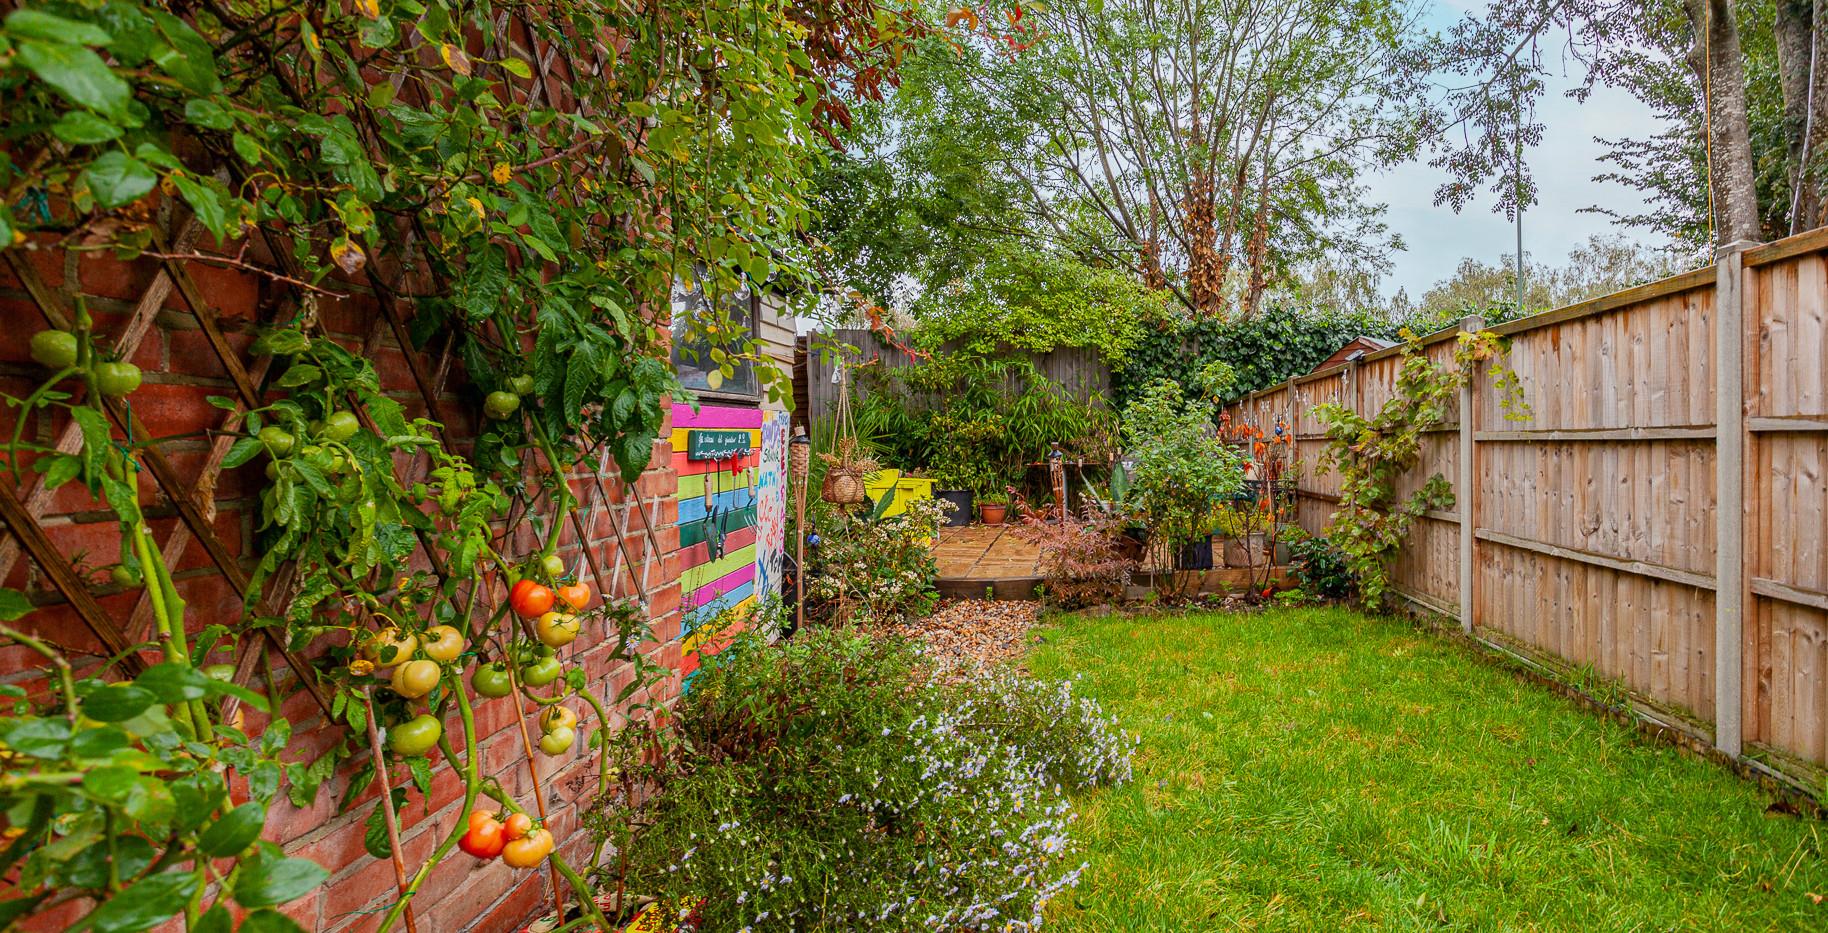 Aboyne-Drive-London-maisonette-IMG_9487.